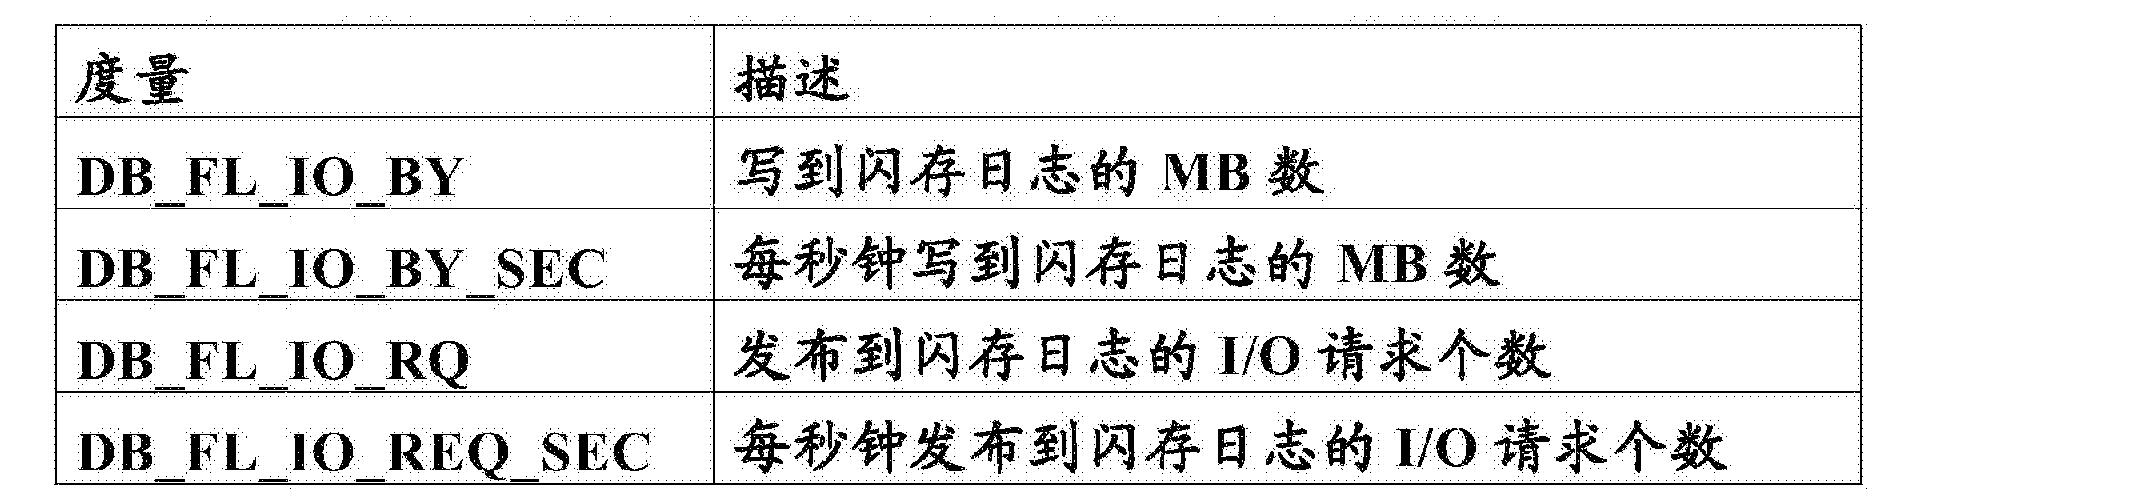 Figure CN103443773BD00262